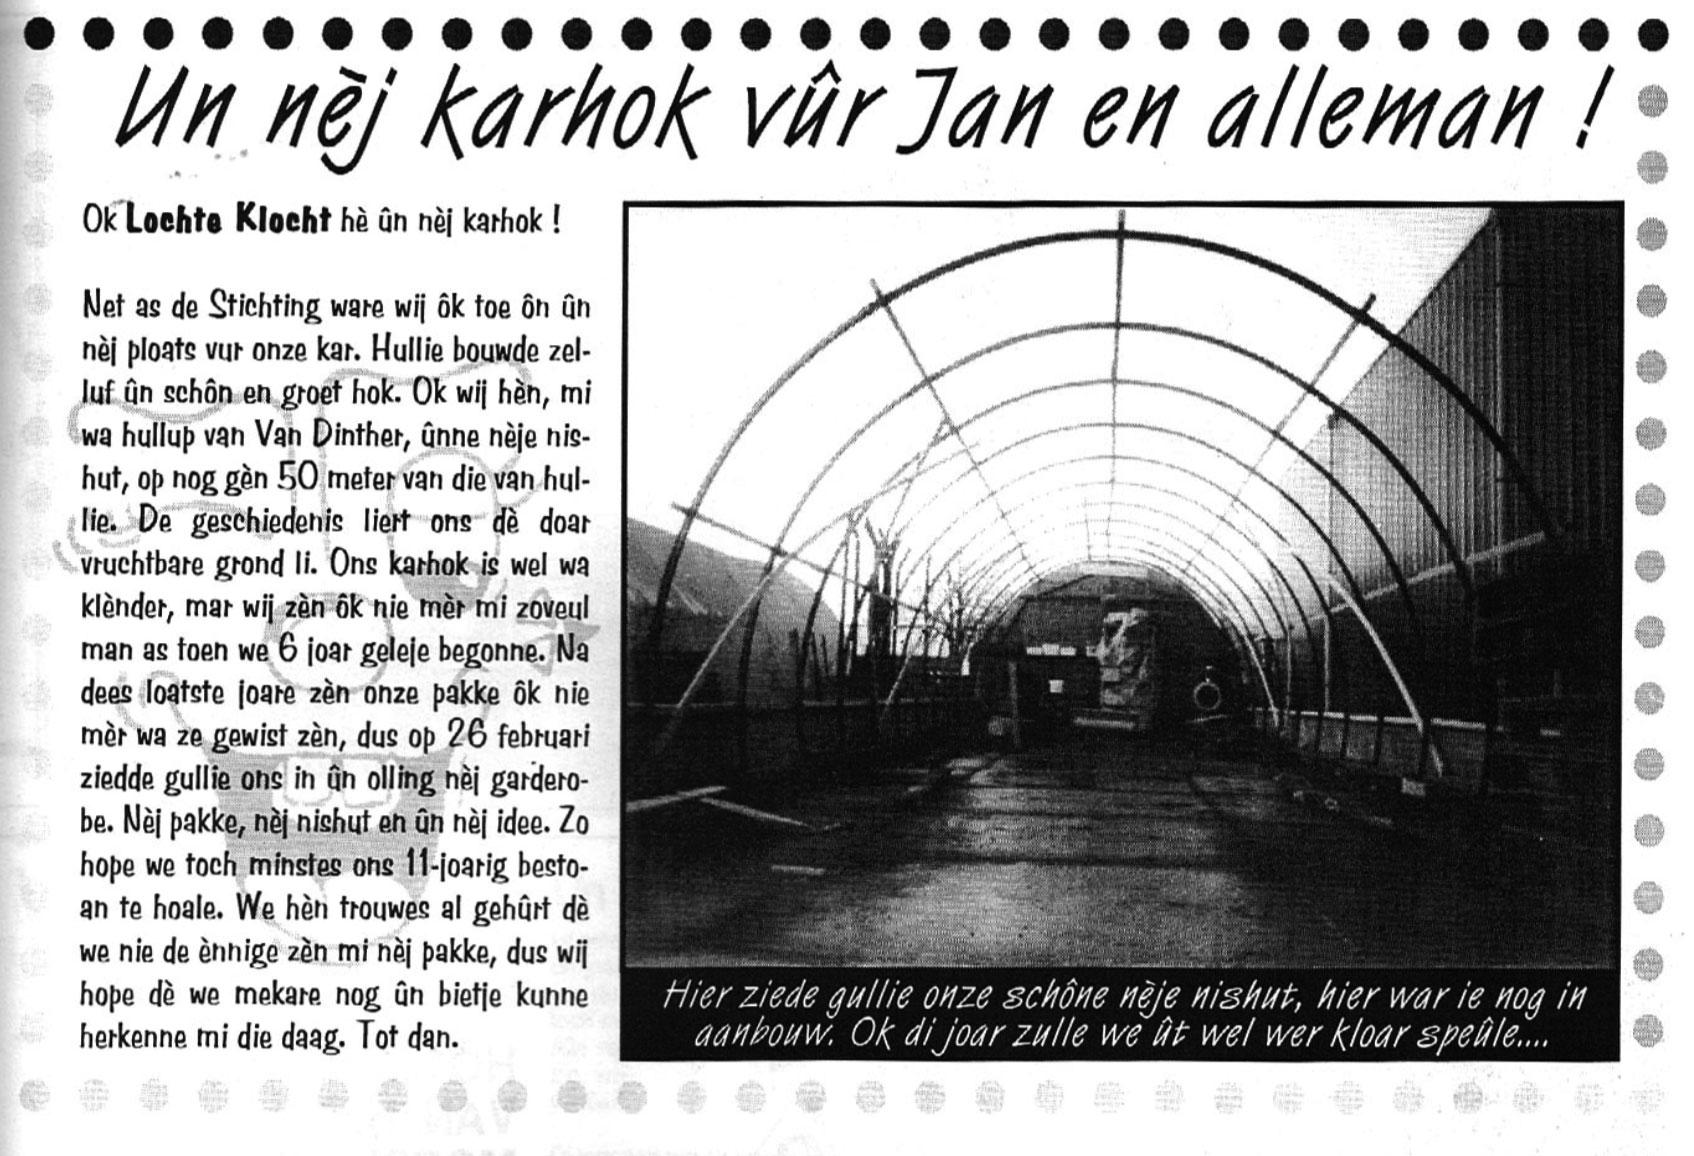 Stukje uit de carnavalskrant van Lochte Klocht - 1995